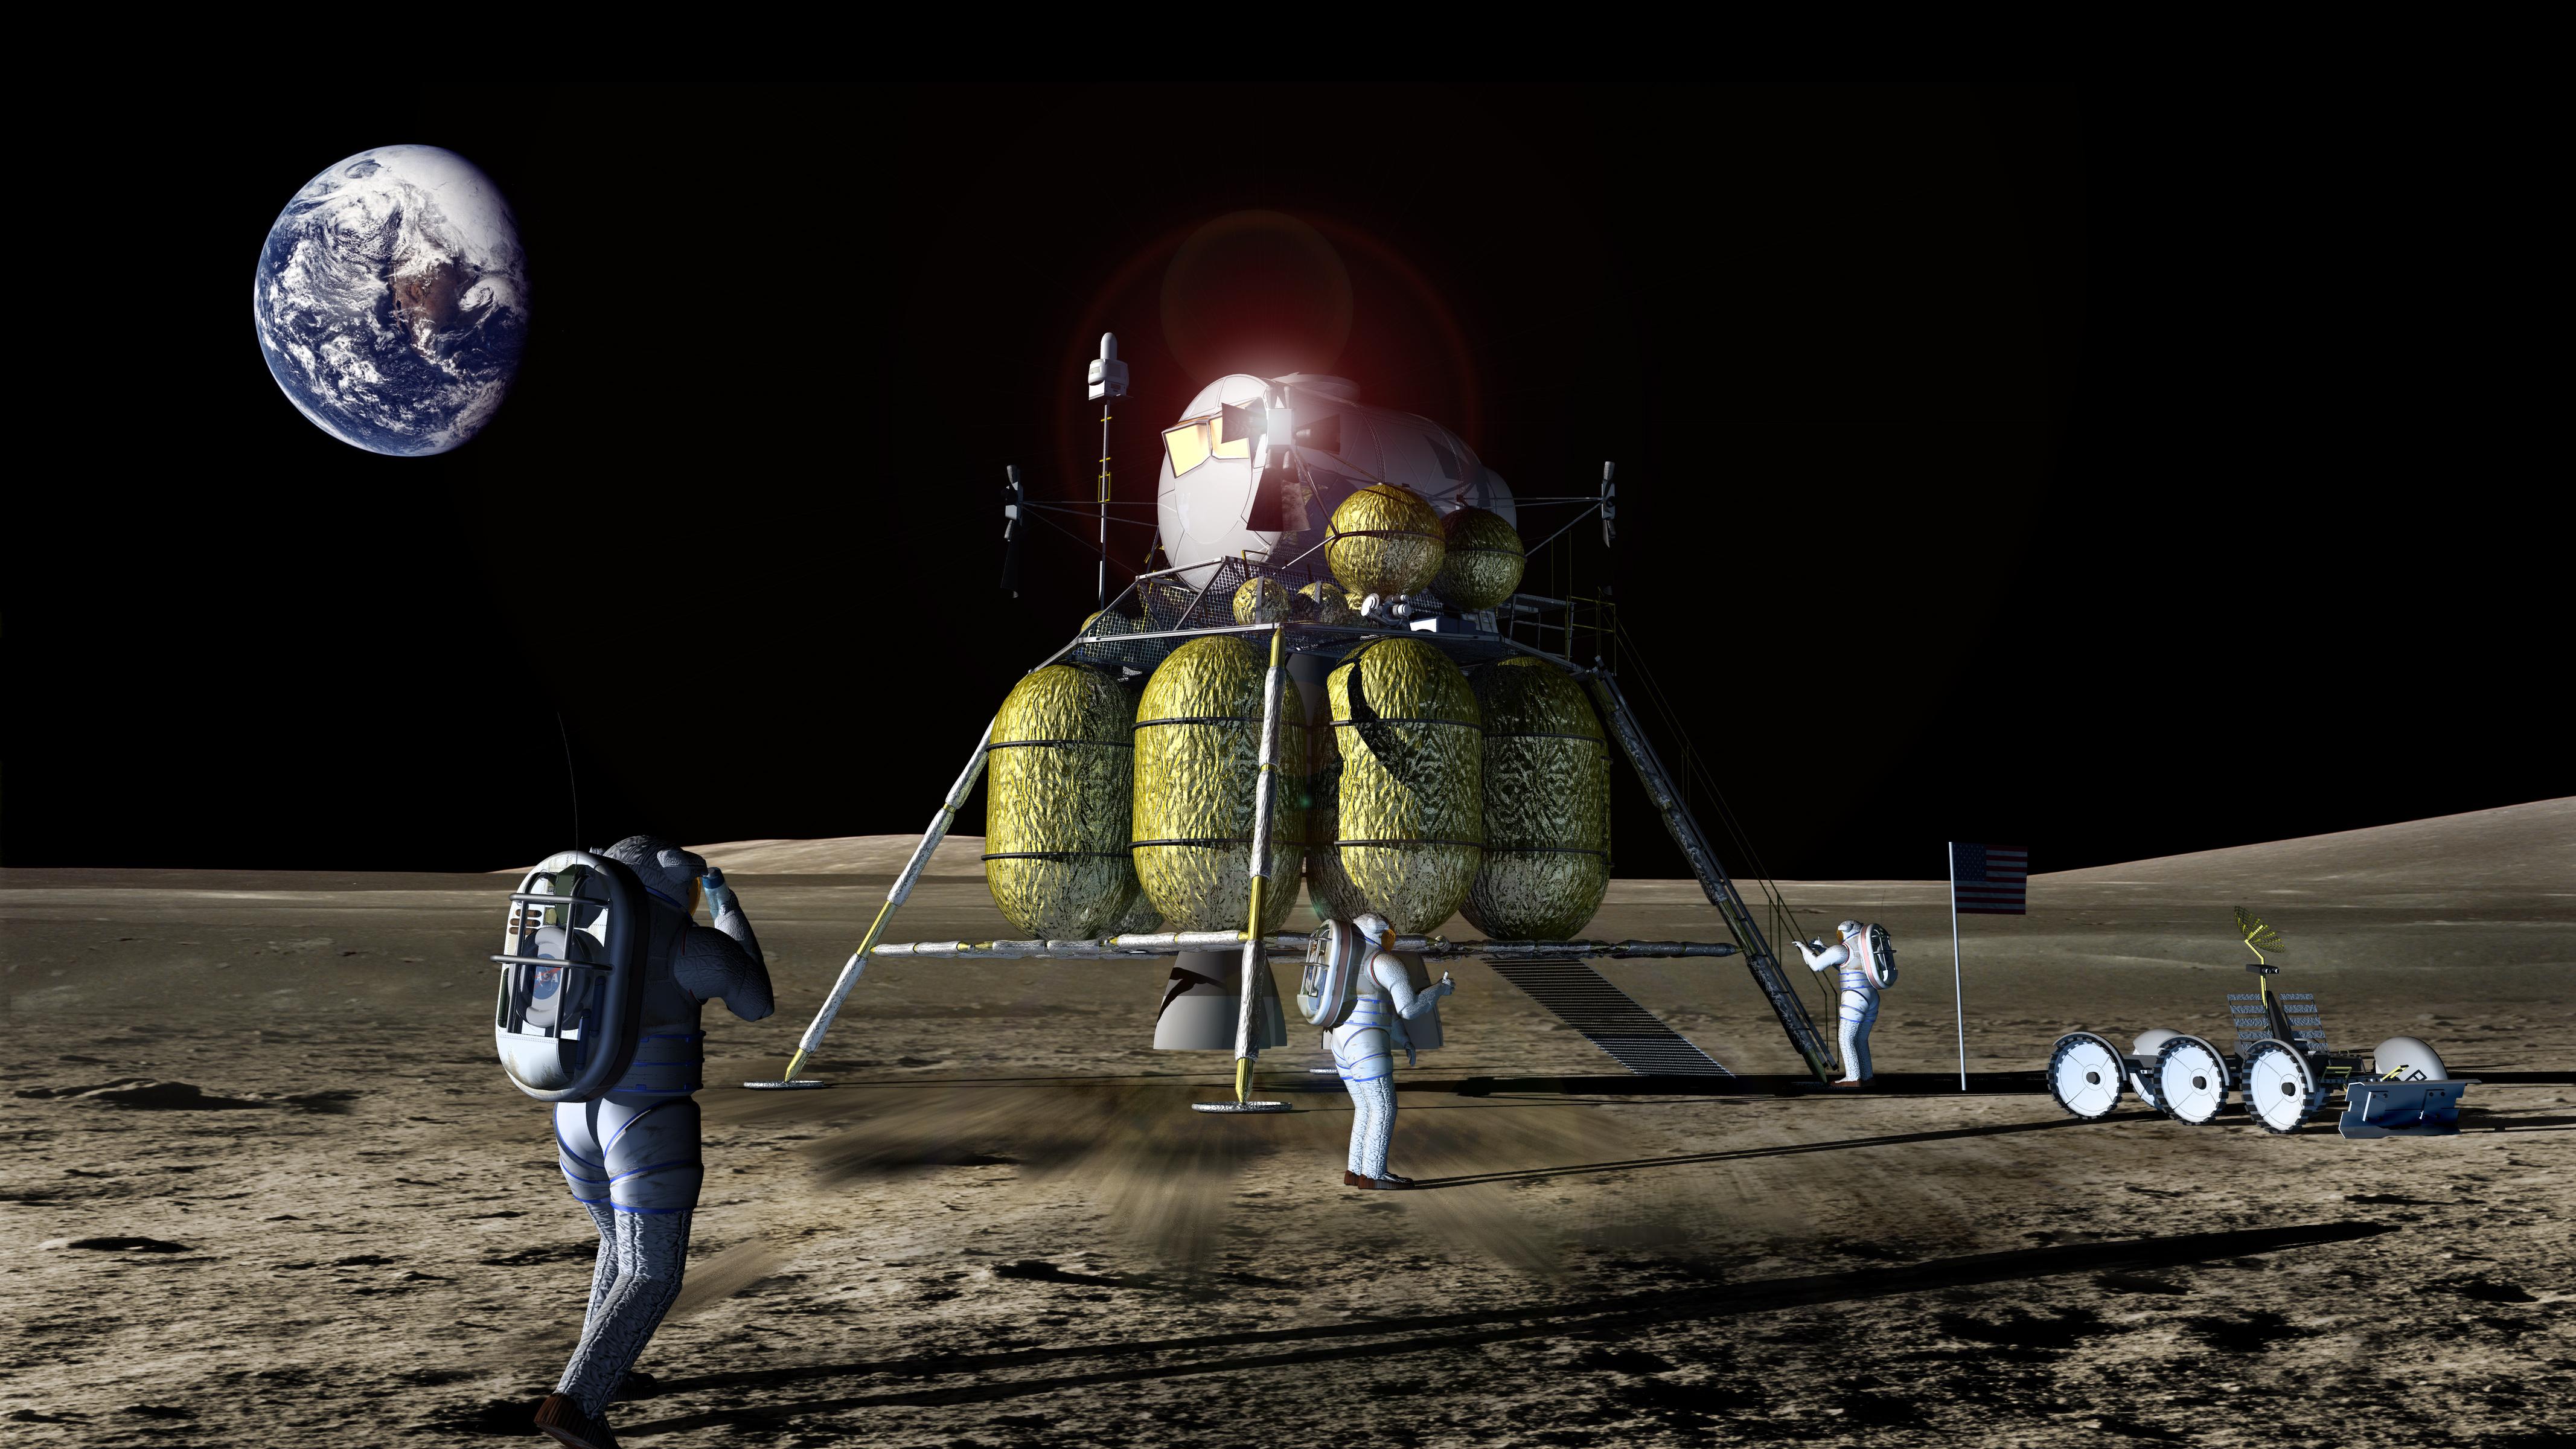 nasa astronauts on the moon - photo #24